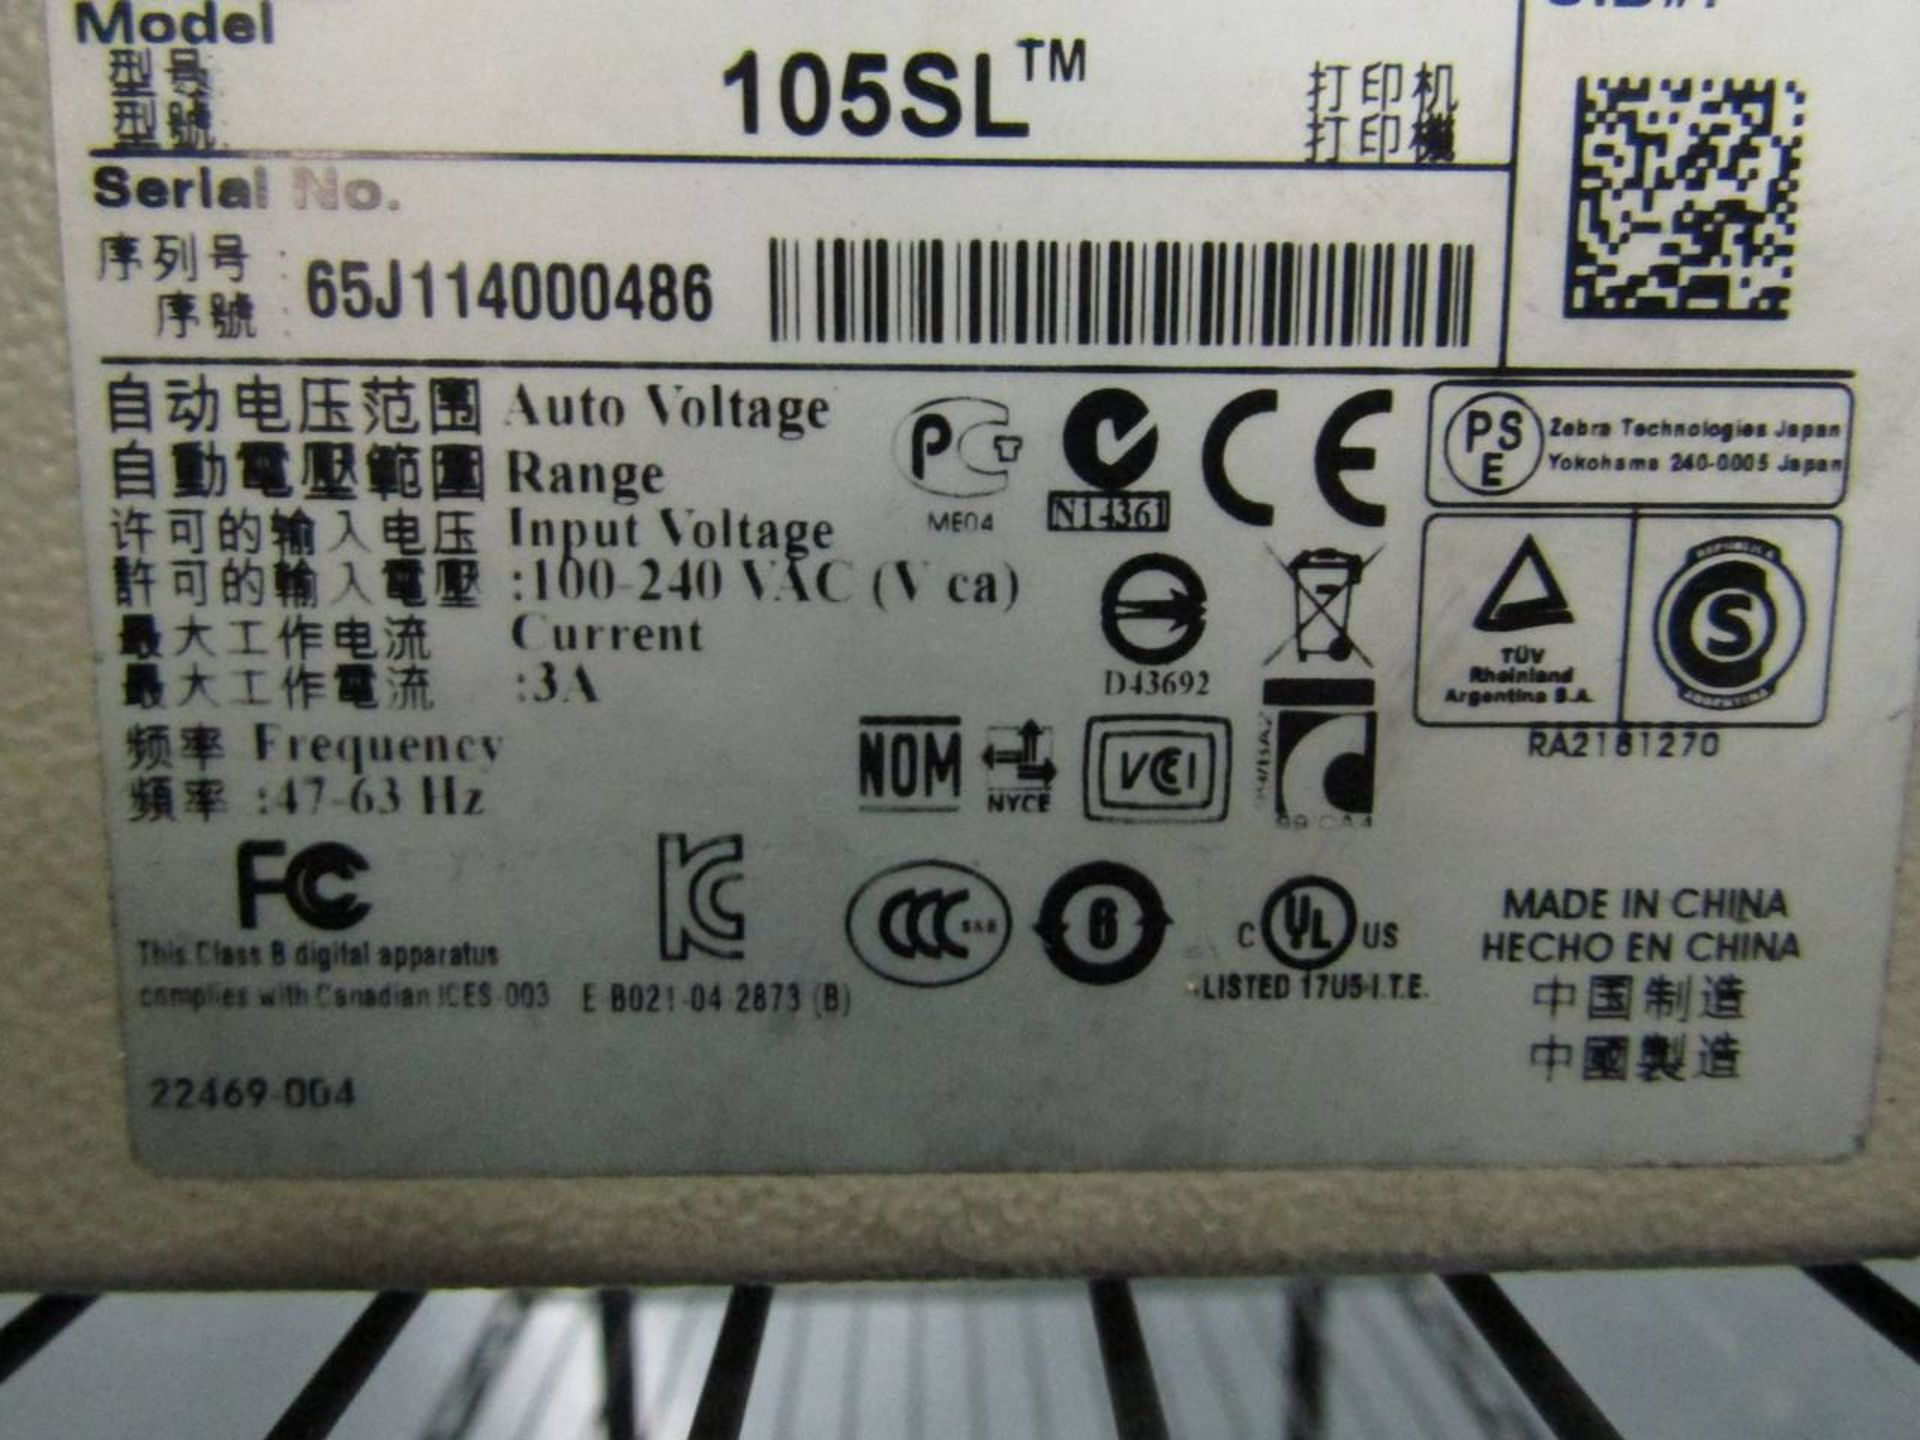 Zebra 105SL Thermal Label Printer - Image 3 of 3